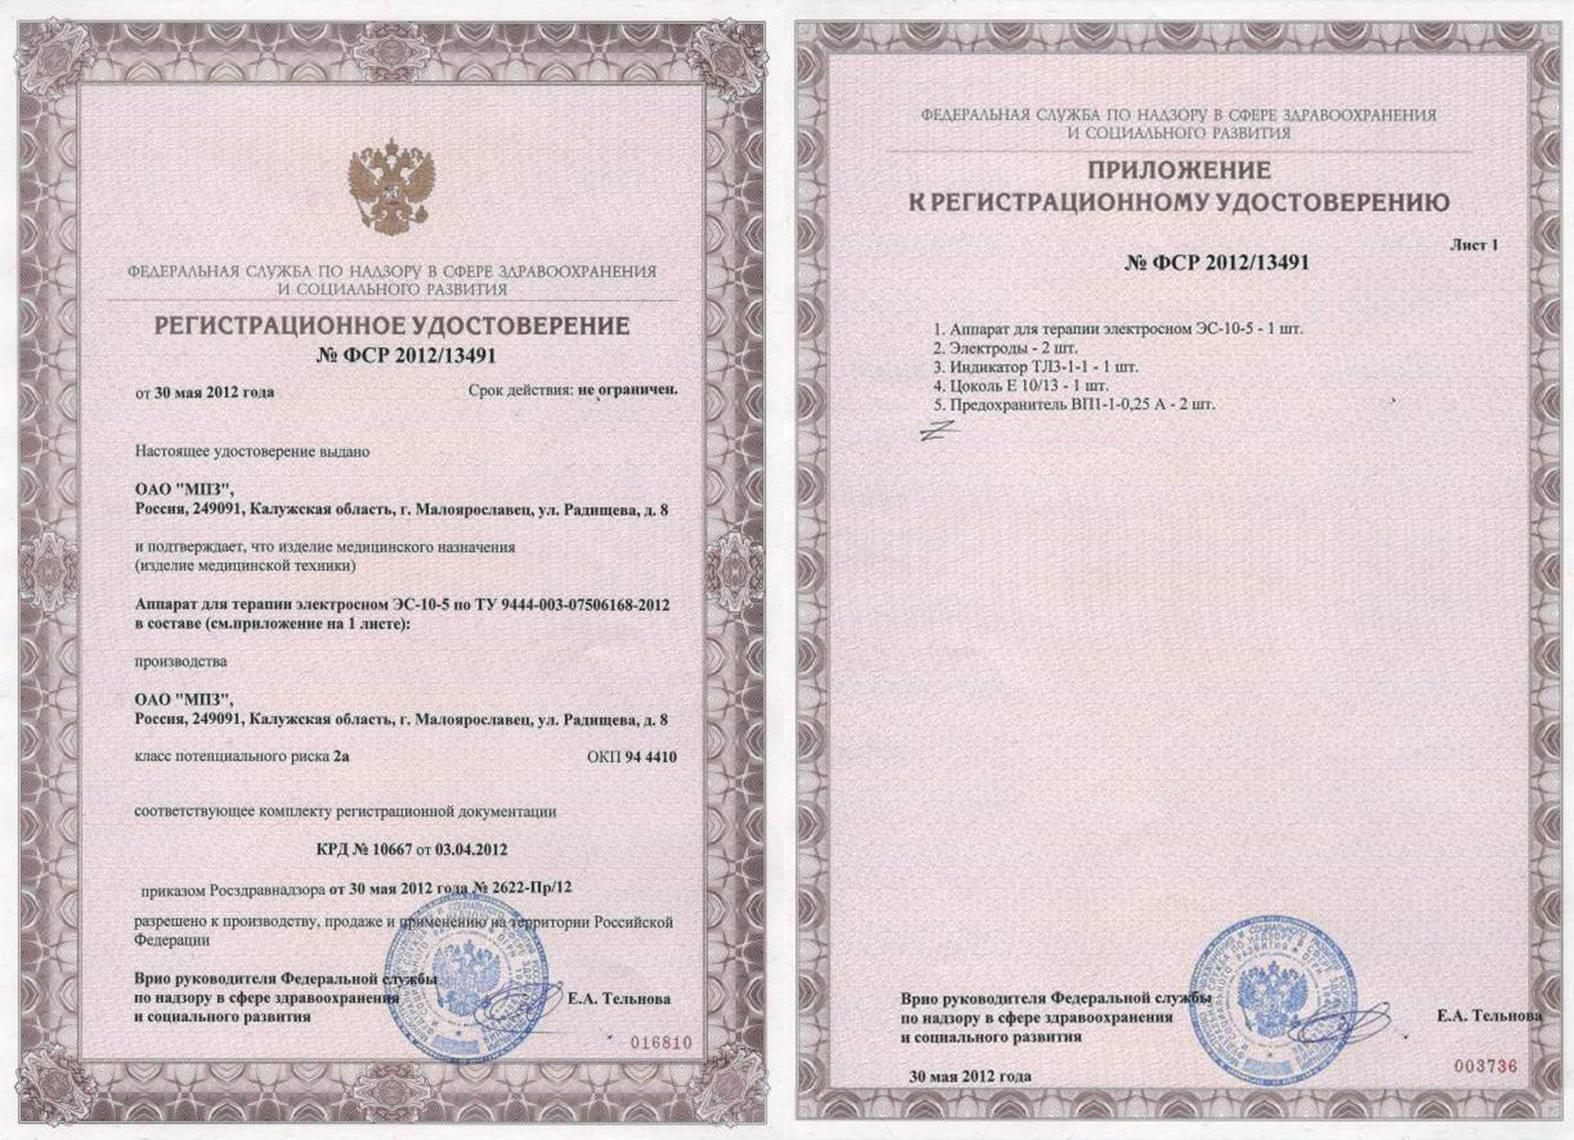 регистрационное удостоверение на рн метр 410